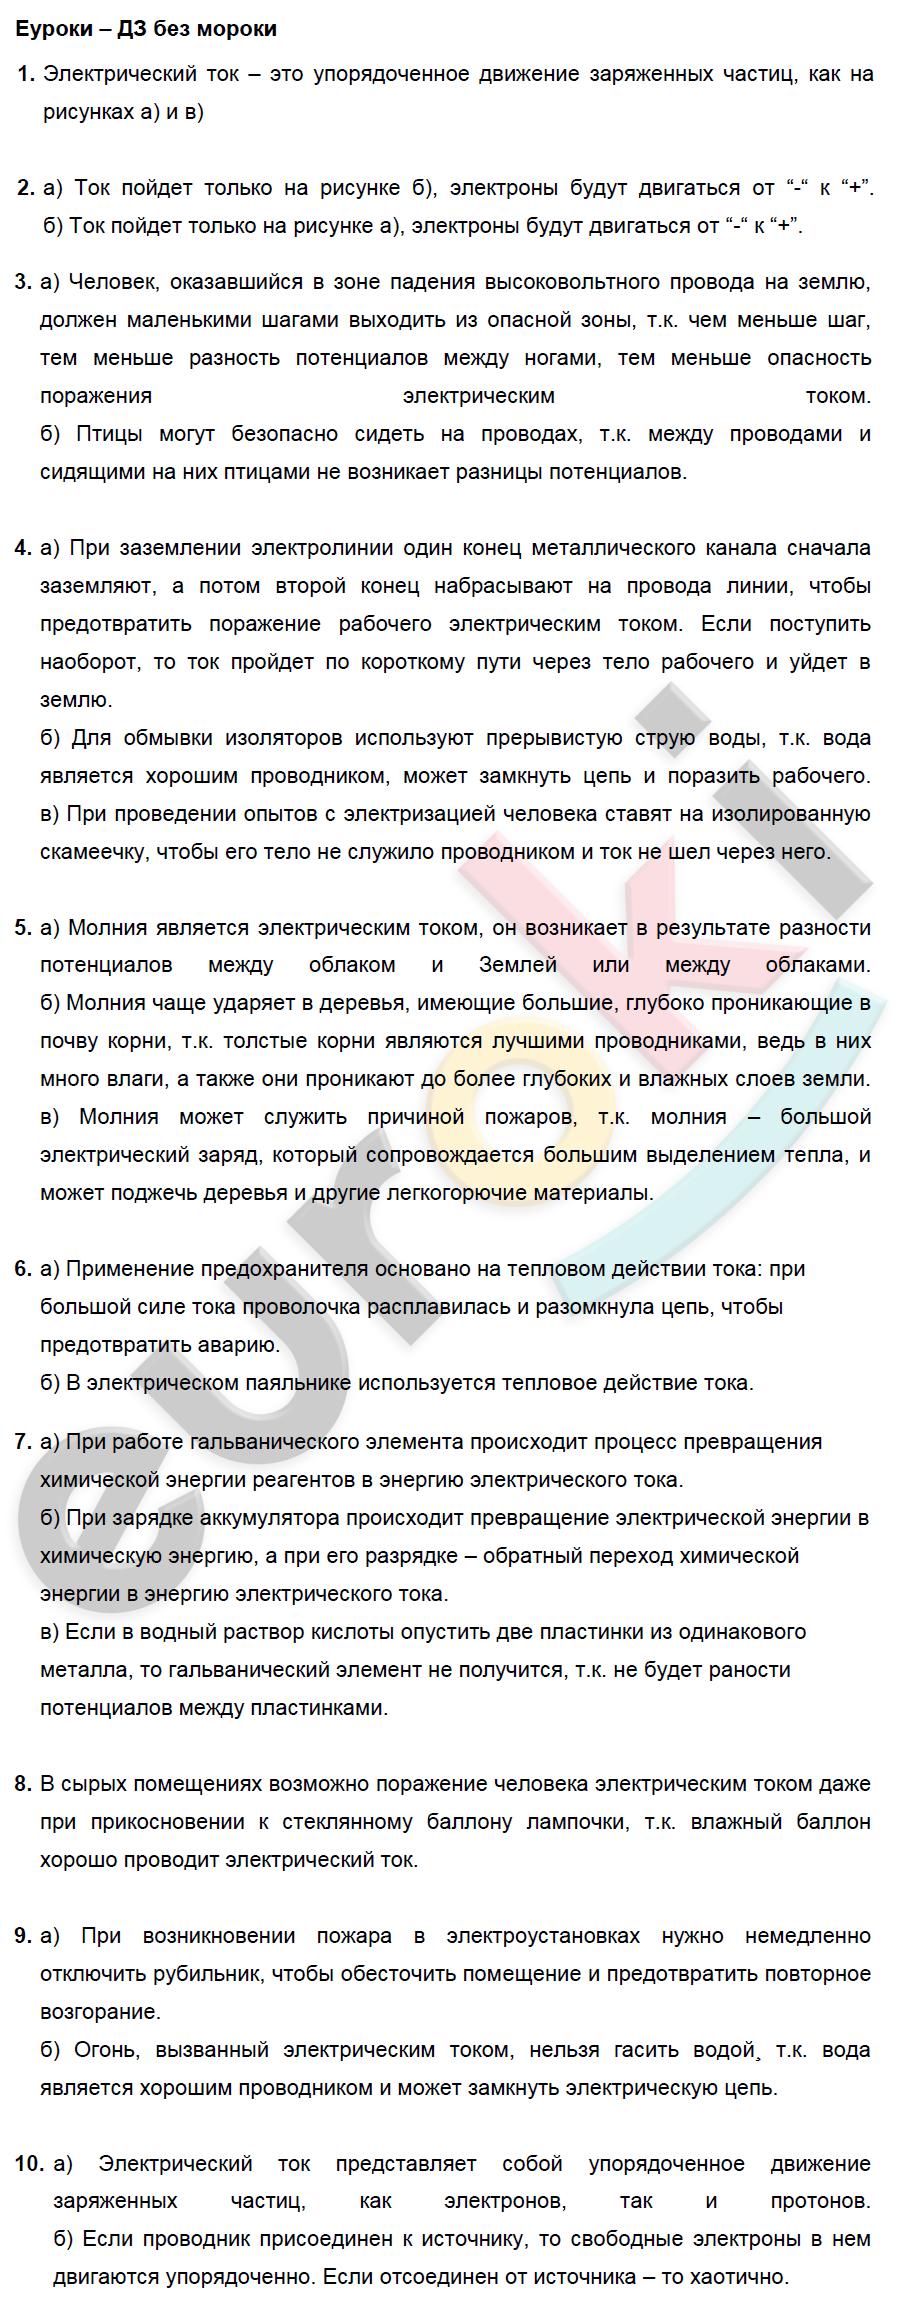 Гдз Физика Дидактические Материалы 9 Класс Перышкин